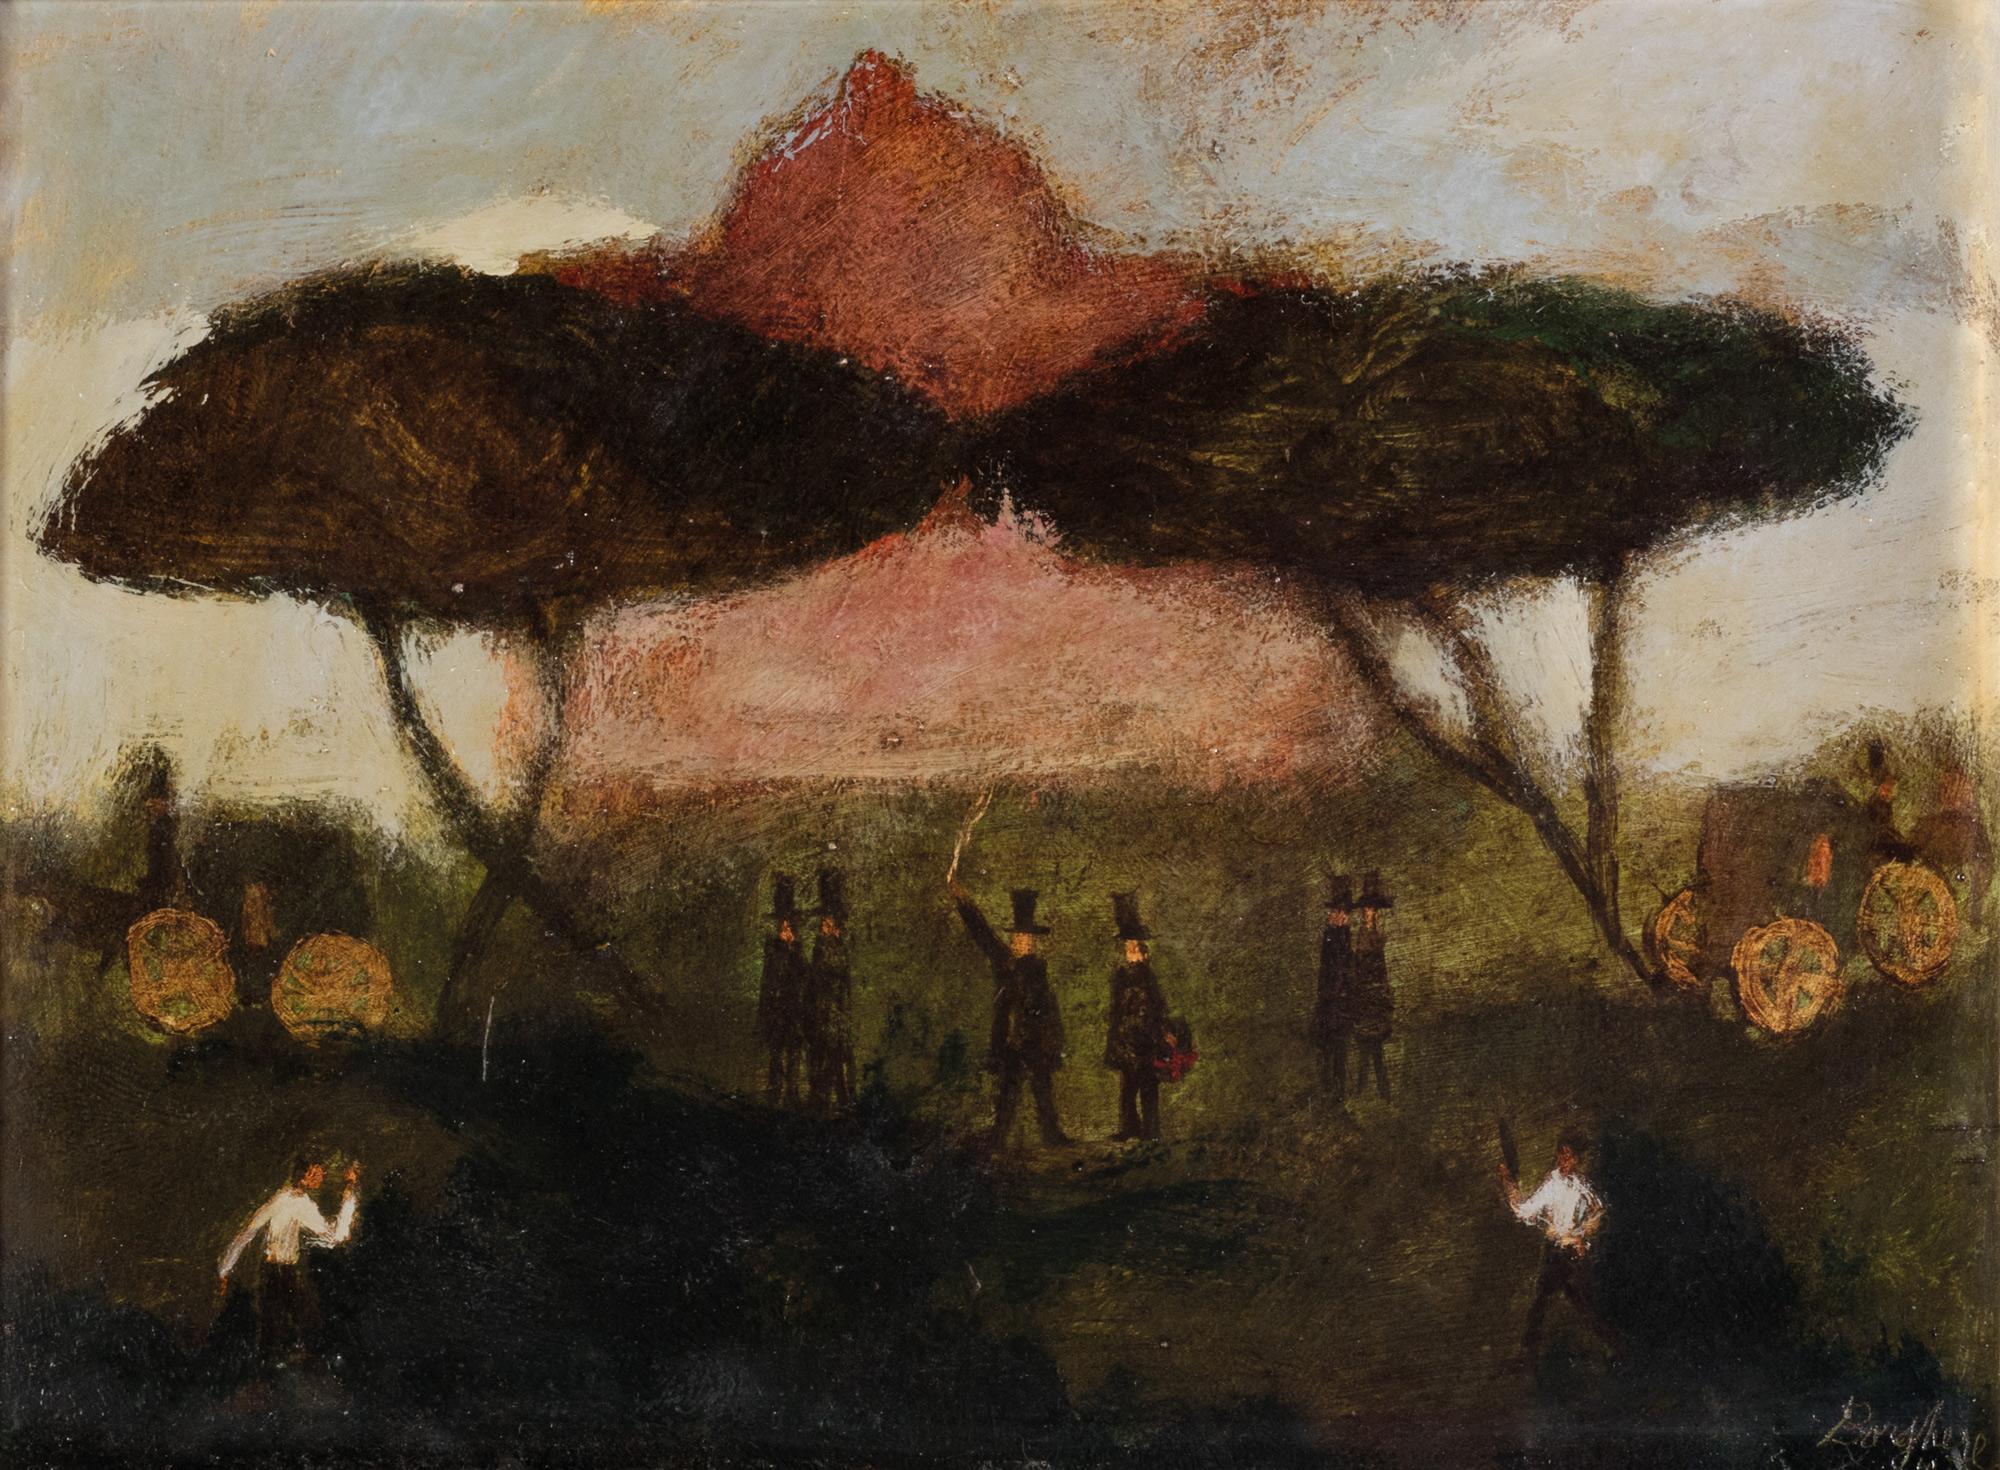 Il duello, 1968